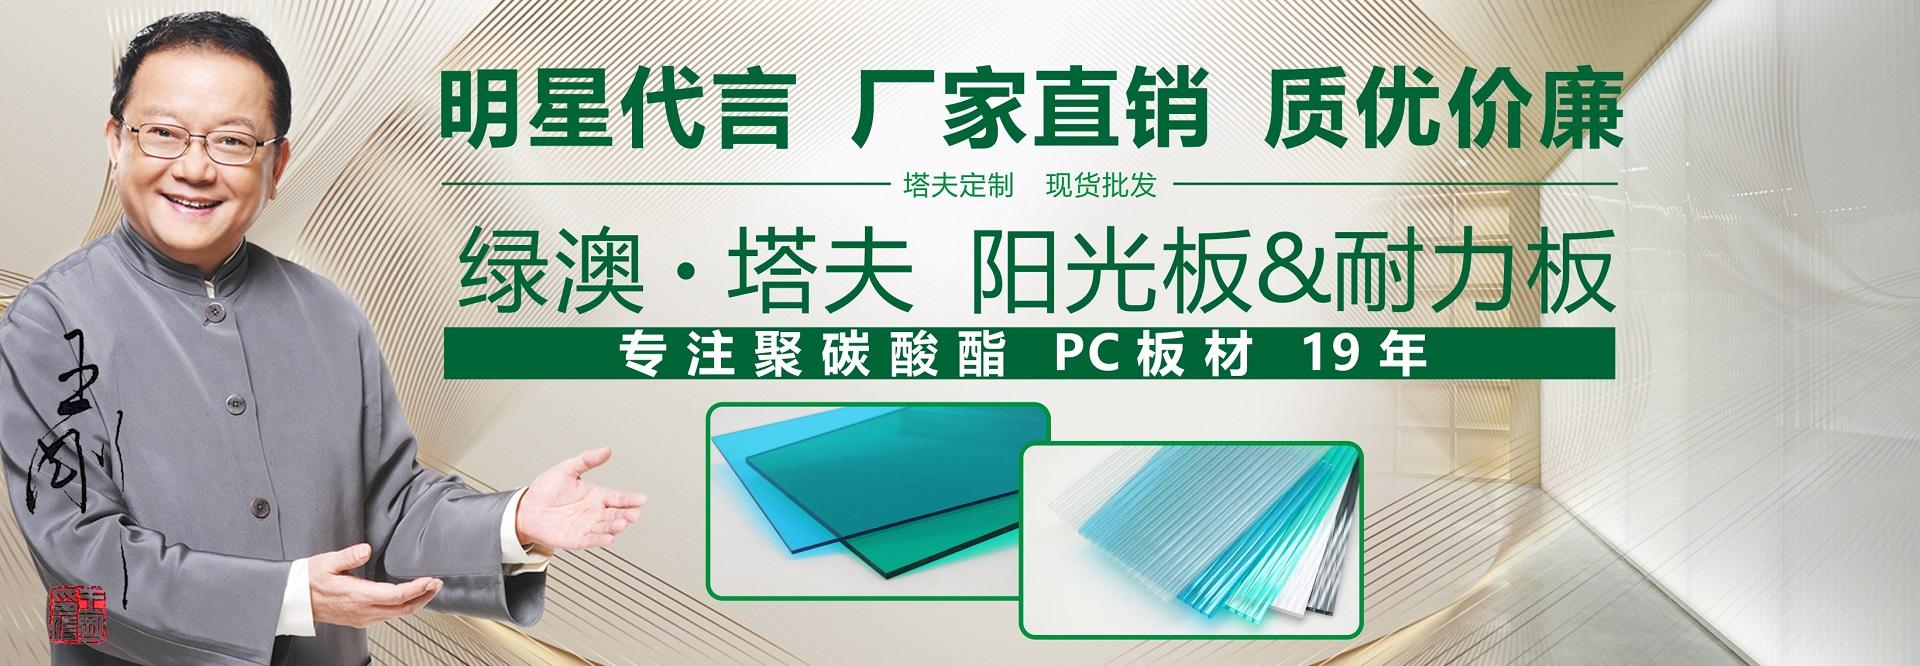 PC板材,PC阳光板,PC耐力板,王刚代言,上海绿澳